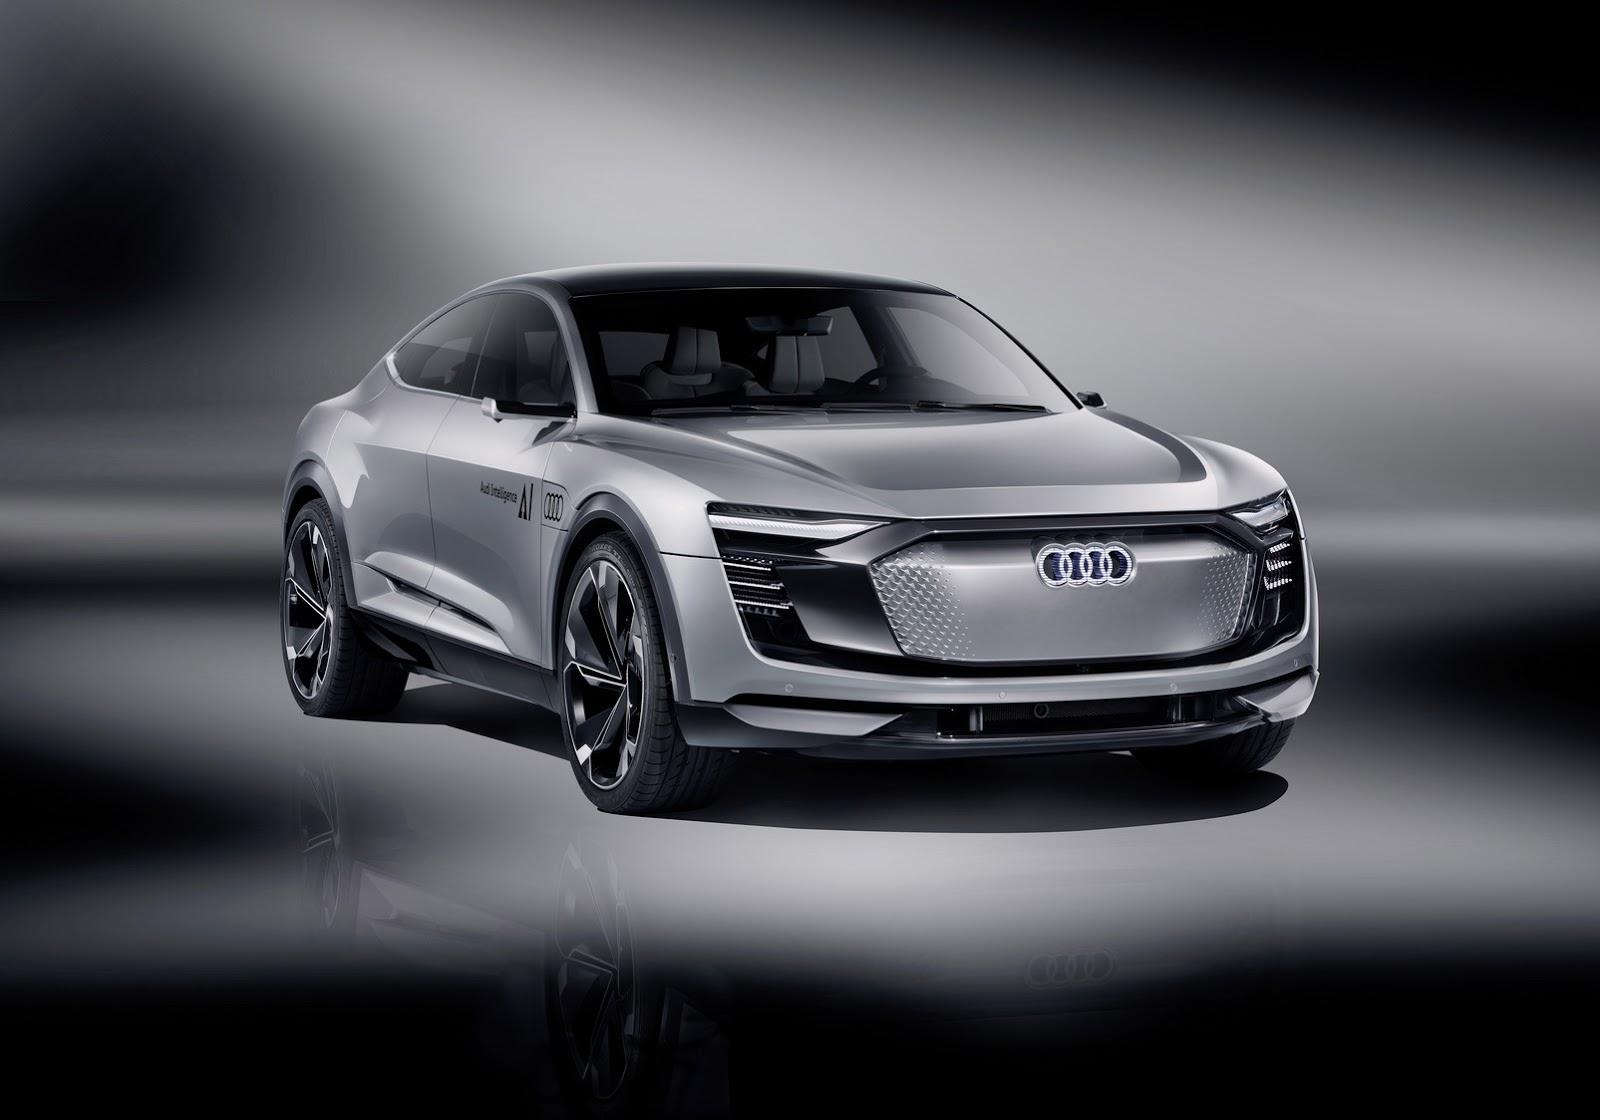 Audi-Elaine-Concept-3